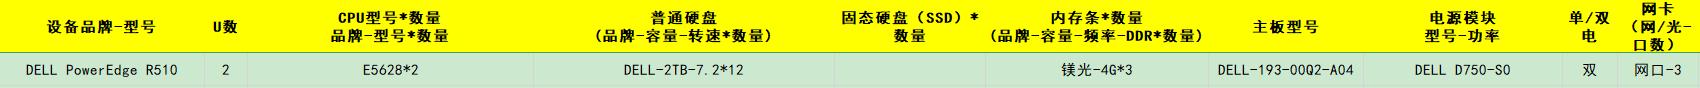 DELL PowerEdge R510 E5628*2 DELL-2TB-7.2*12 镁光-4G*3